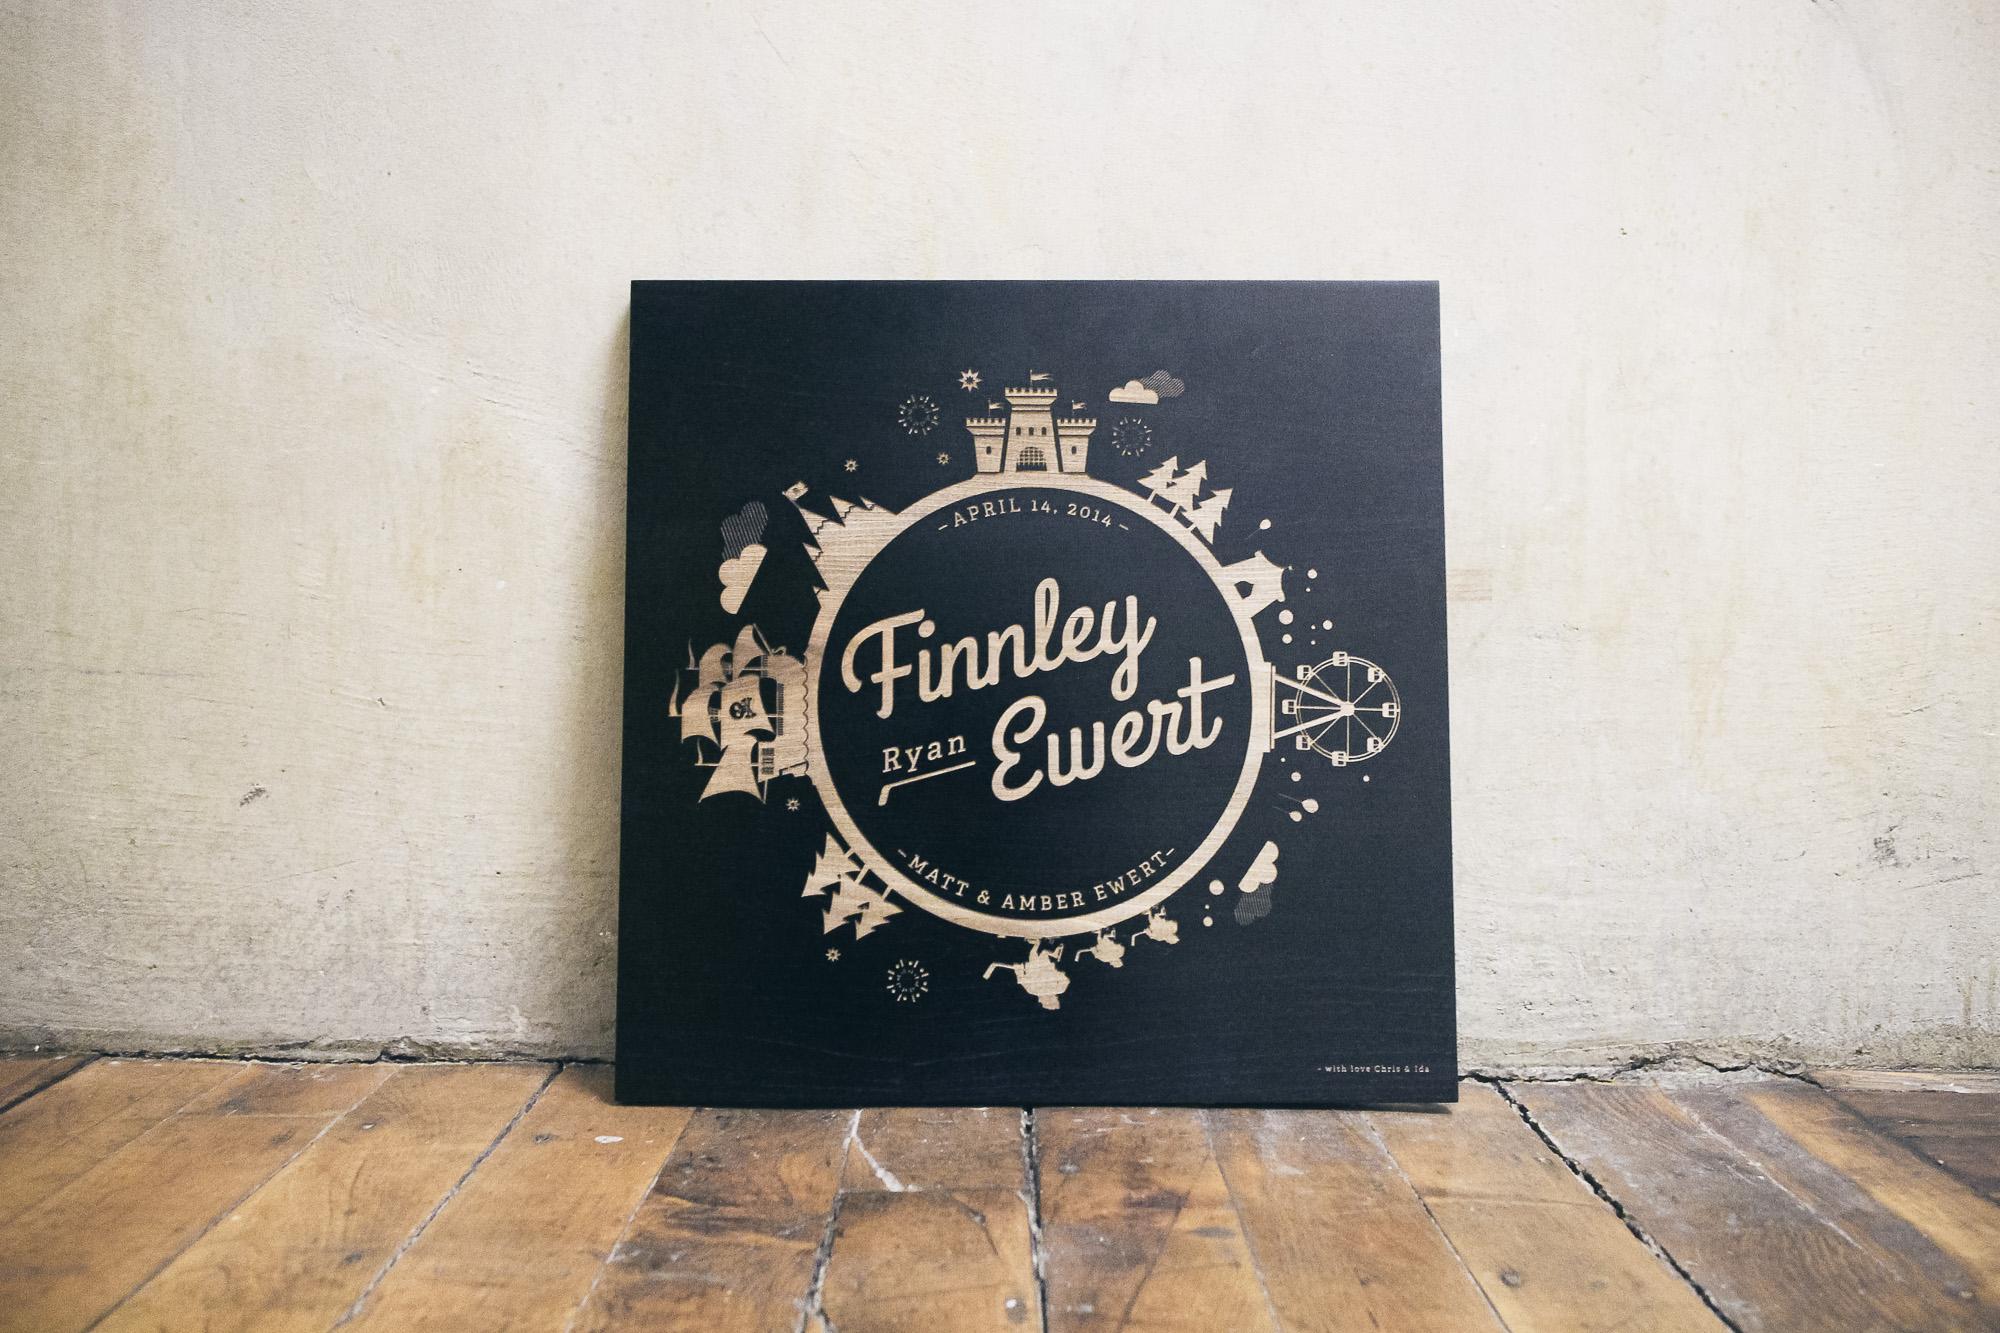 finnley-wall